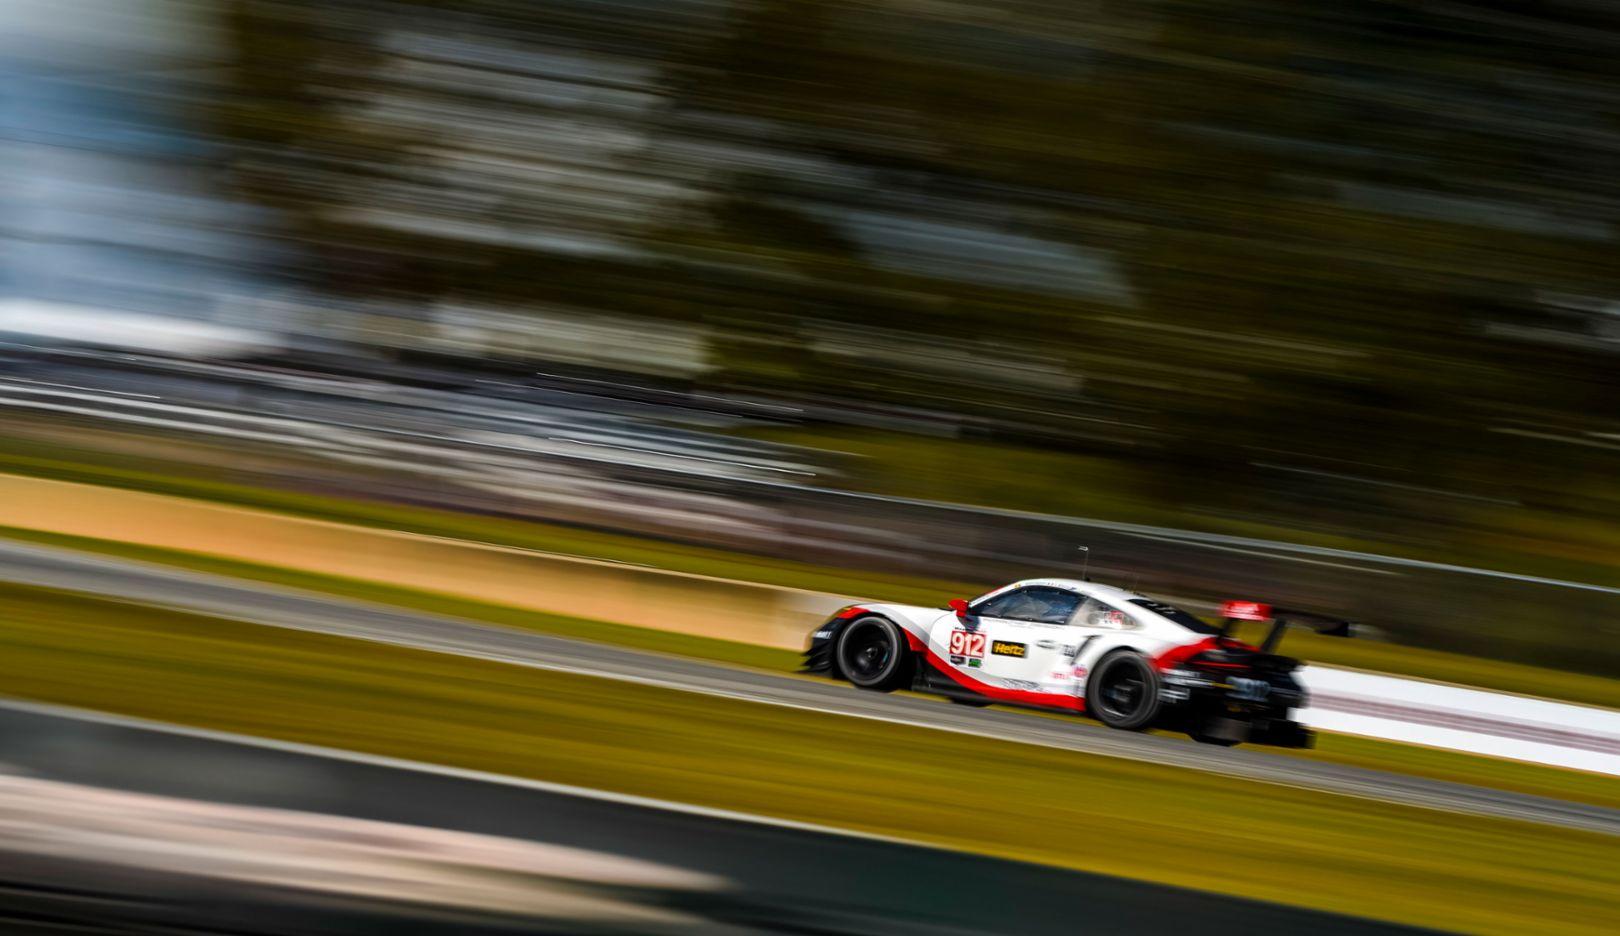 911 RSR, Porsche GT Team, Qualifying, Braselton, 2017, Porsche AG